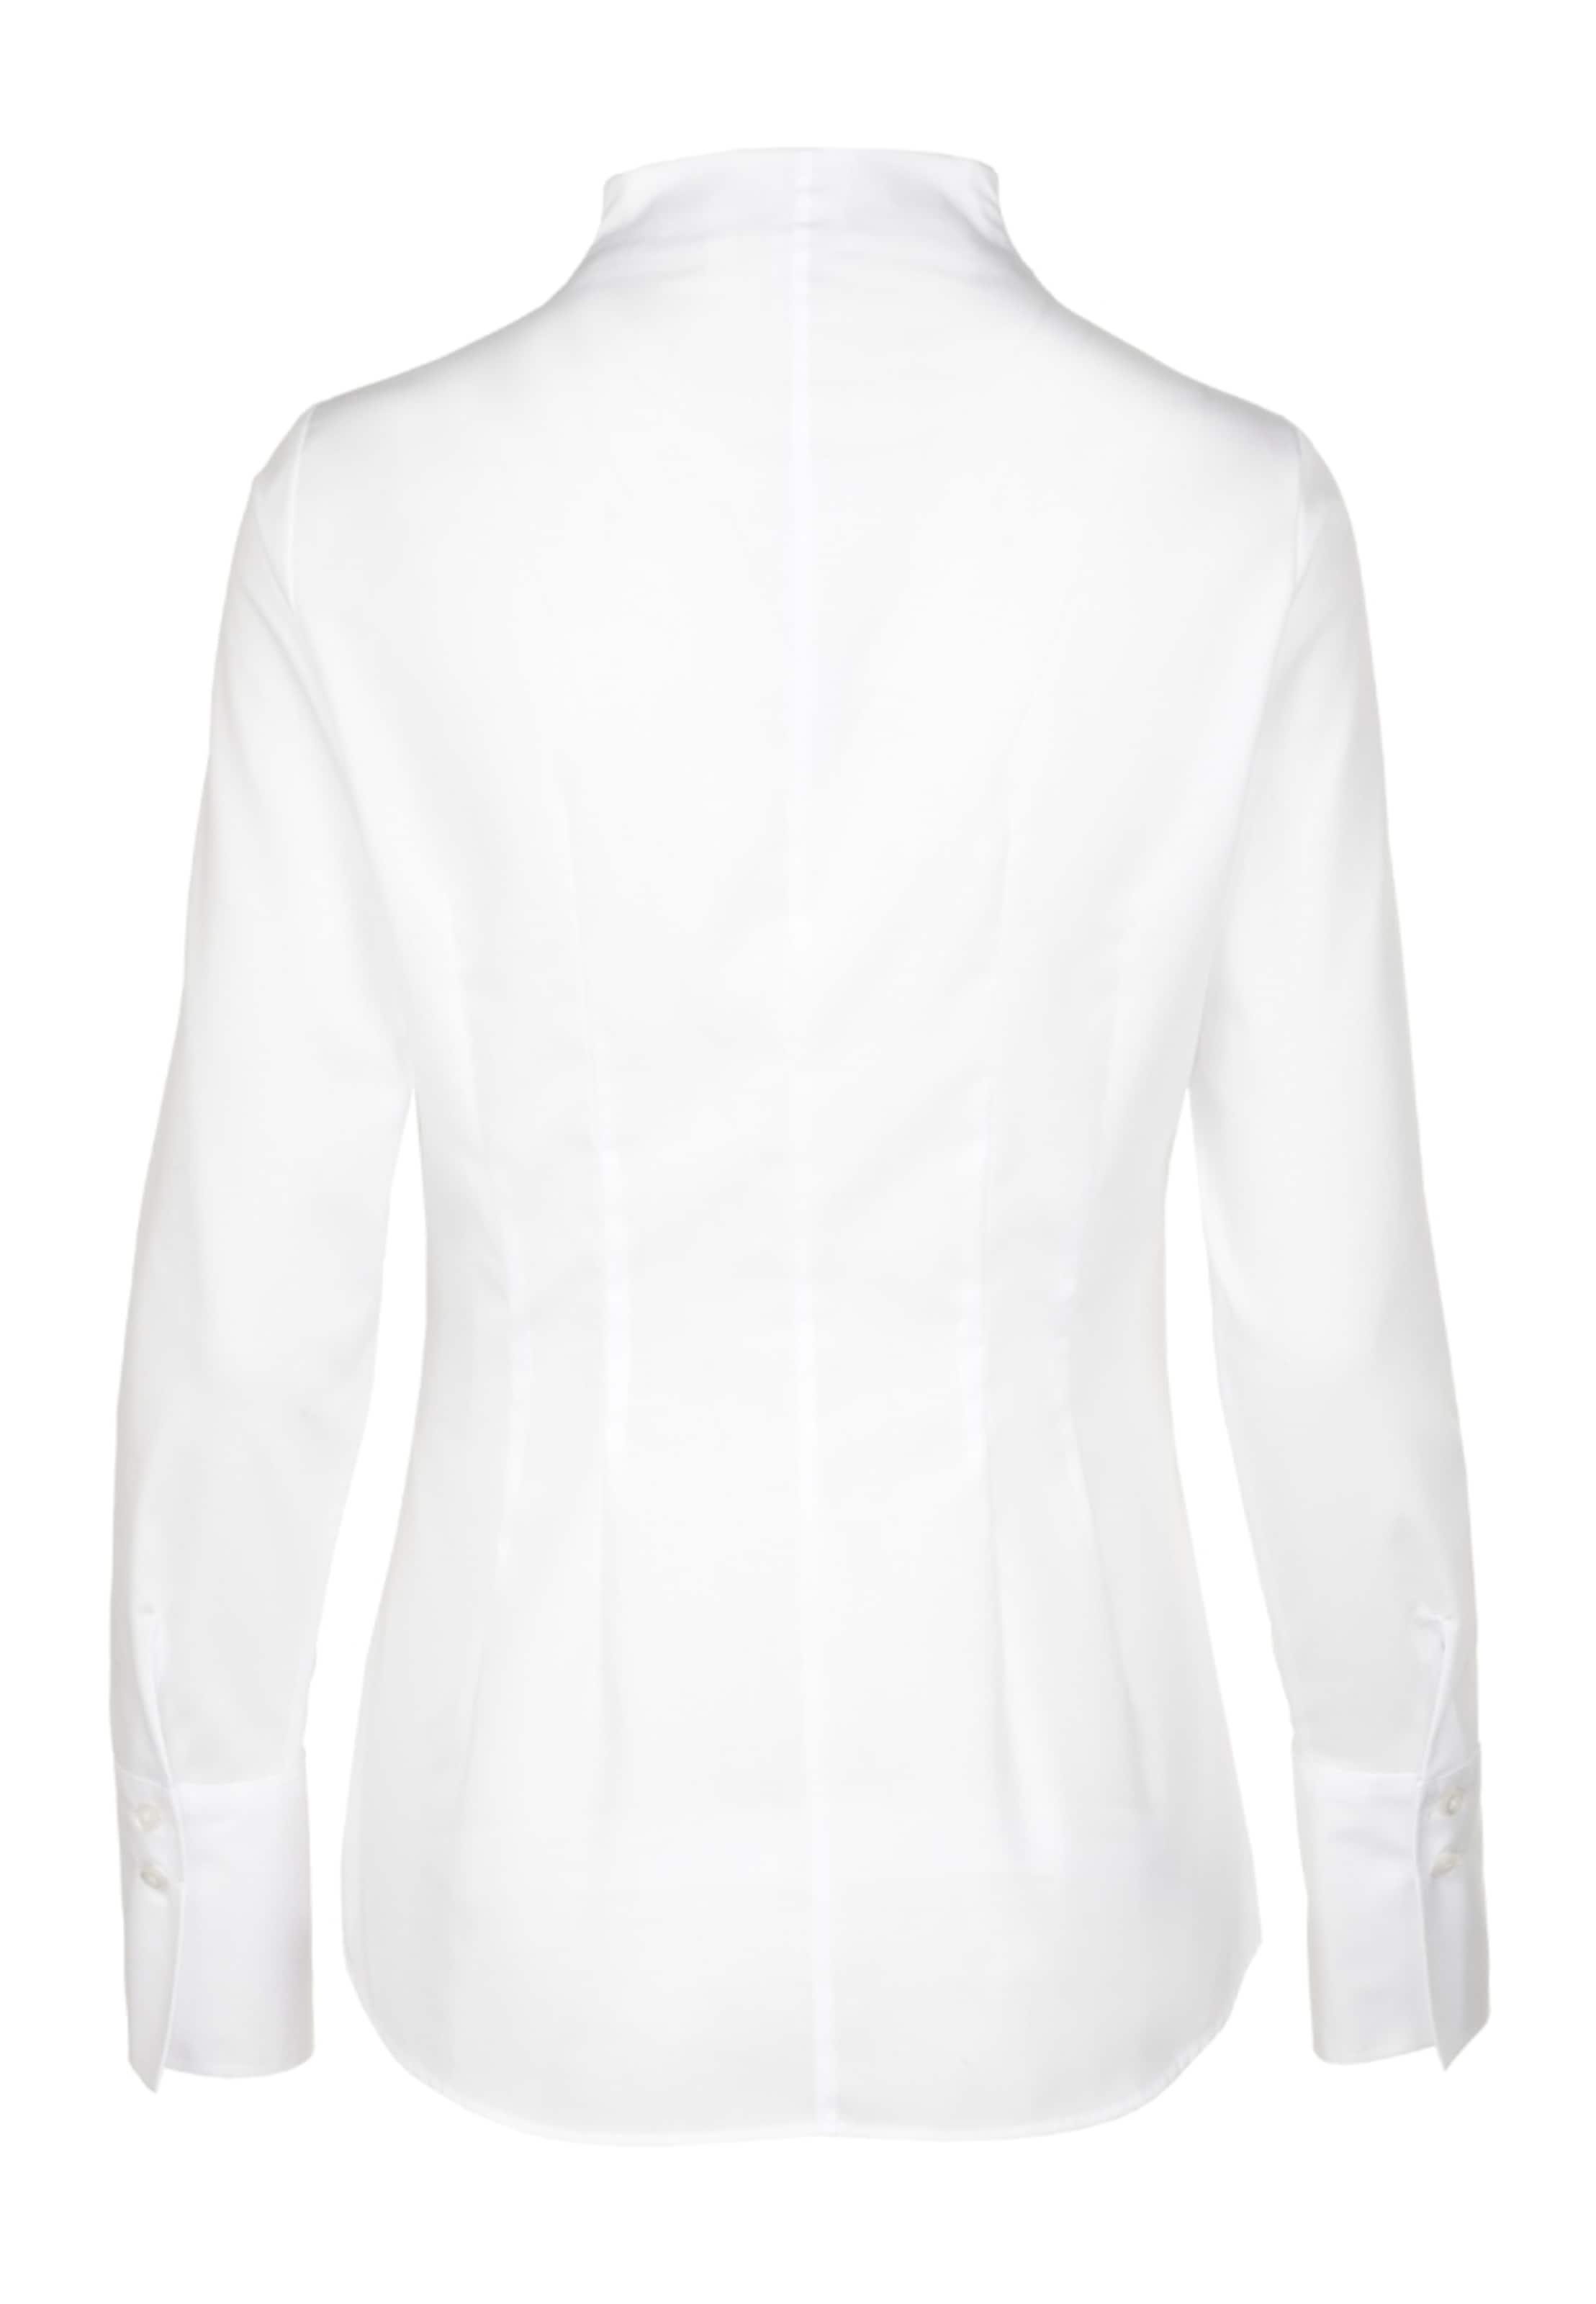 Billig Verkauf Heißen Verkauf SEIDENSTICKER City-Bluse 'Schwarze Rose' Verkauf Große Überraschung 2018 Unisex Günstig Online u6ADvj